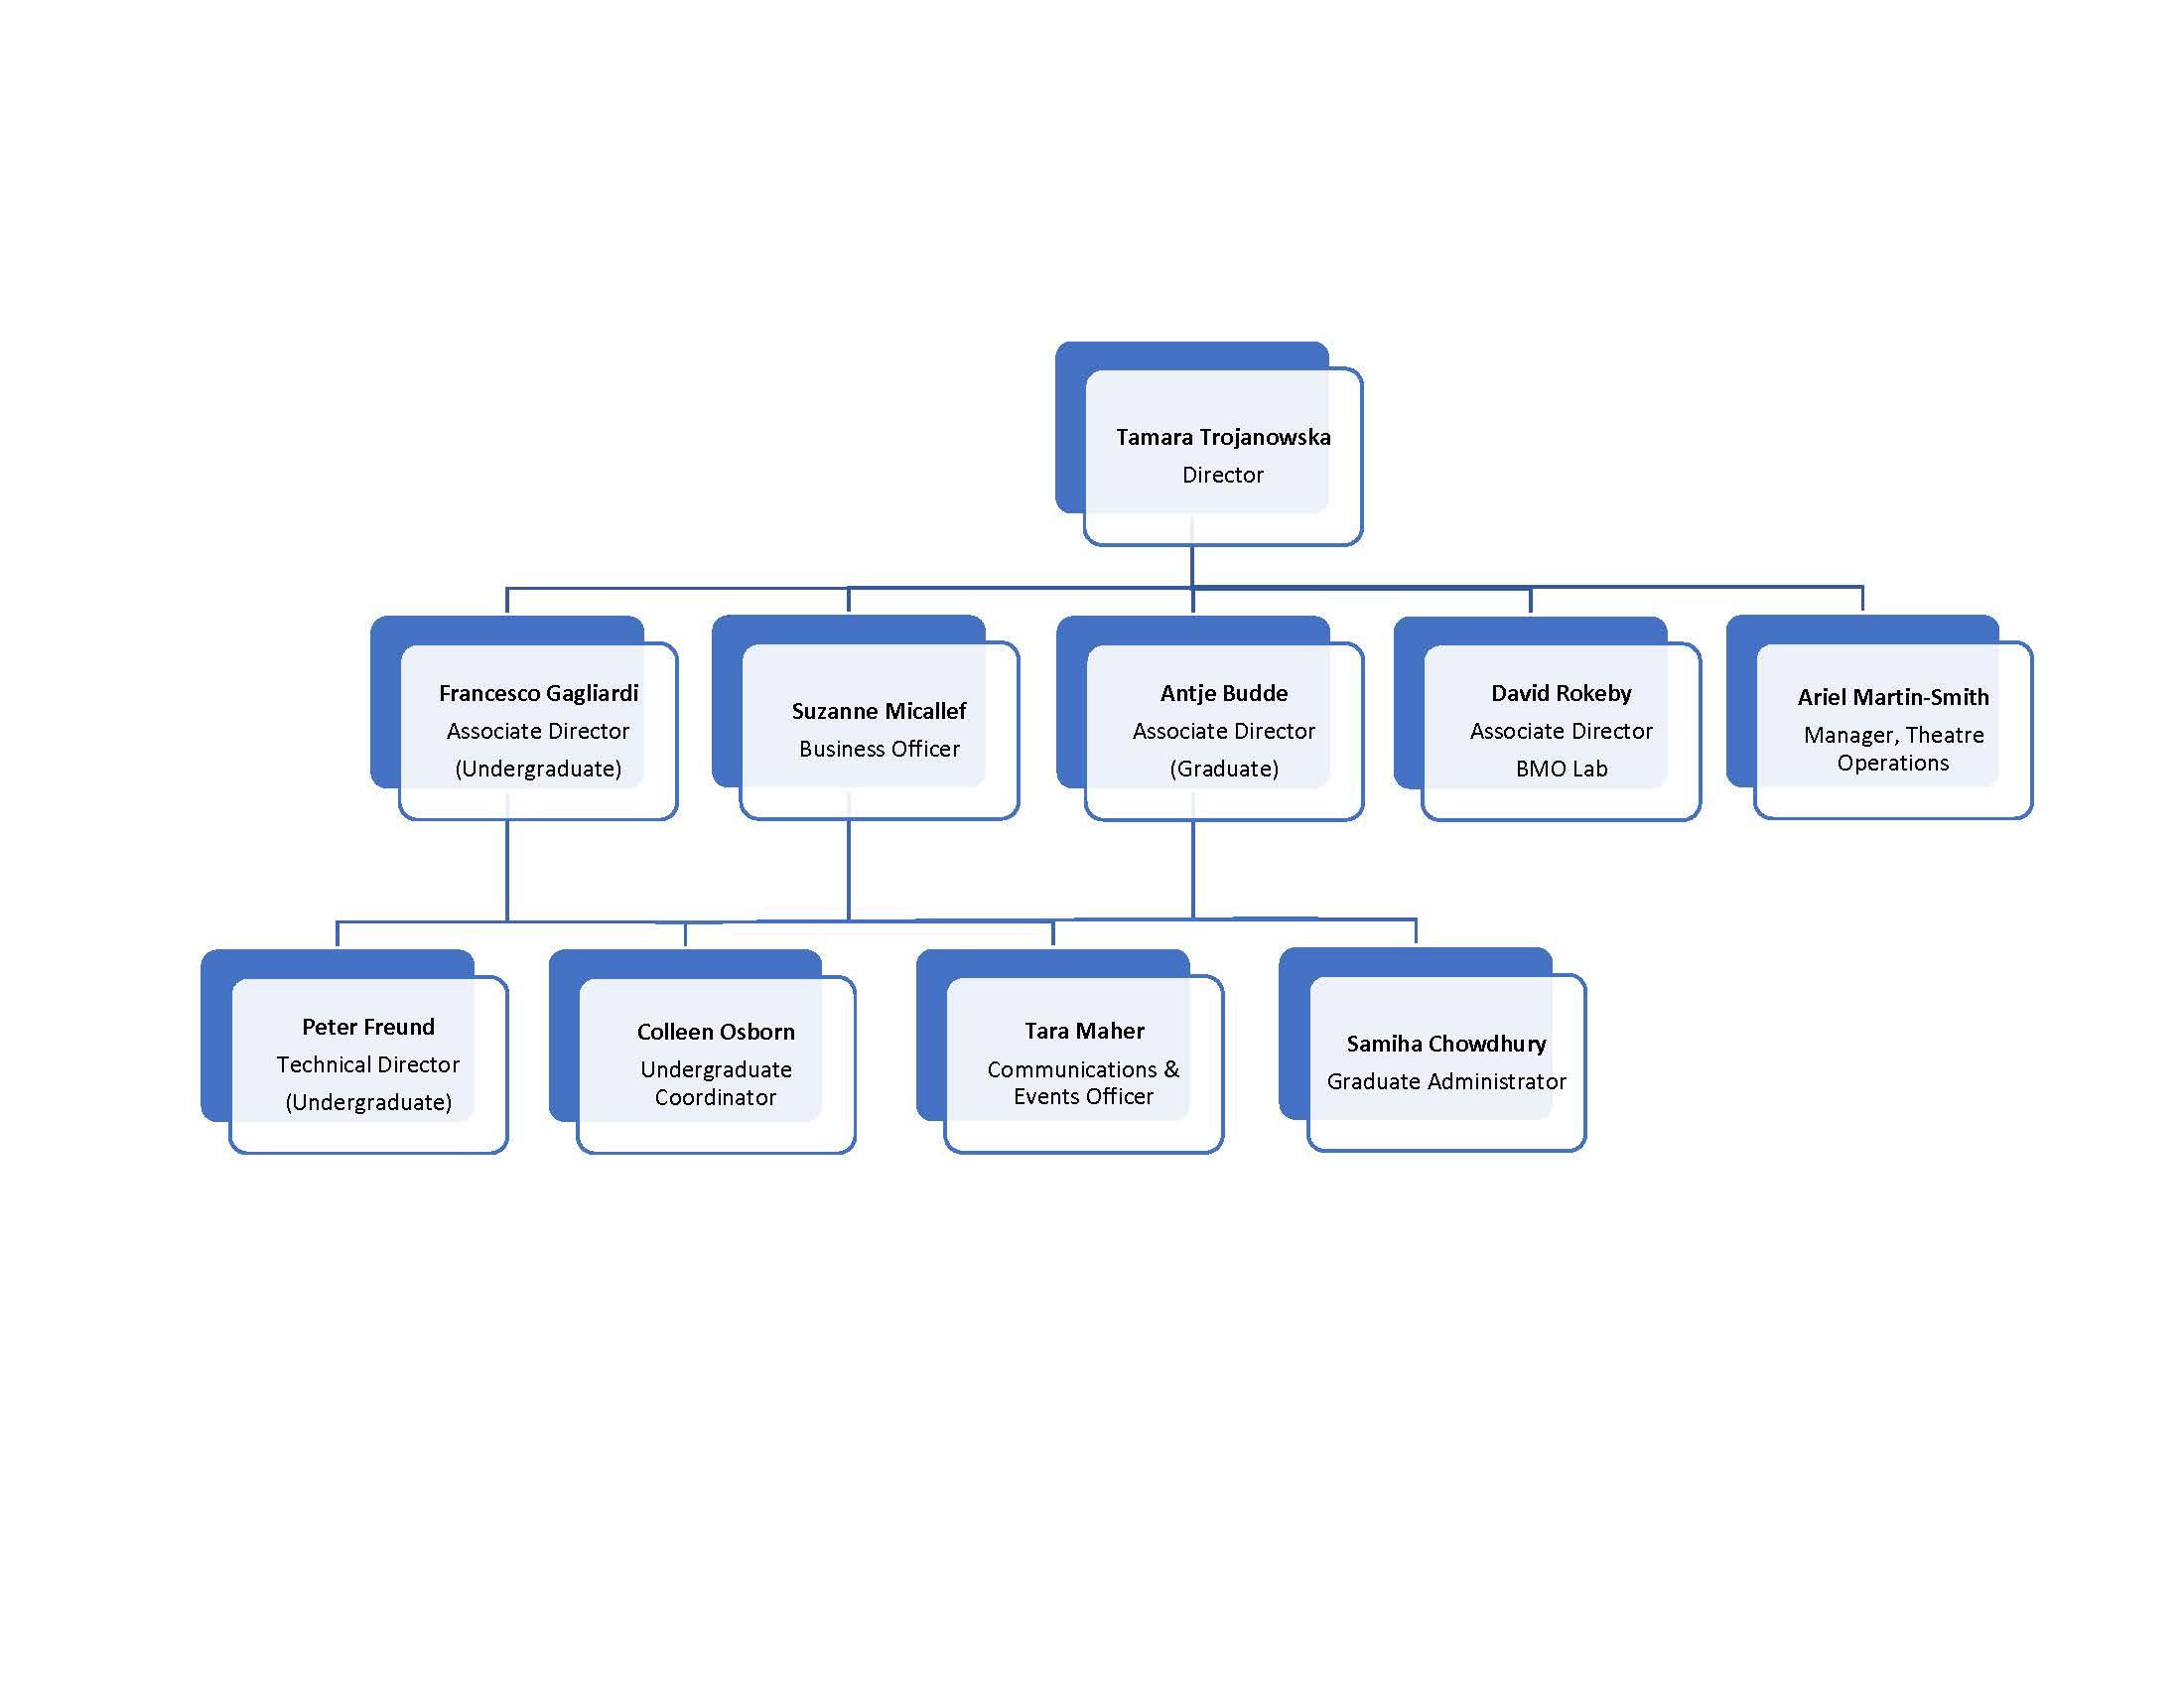 CDTPS Org Chart 2019